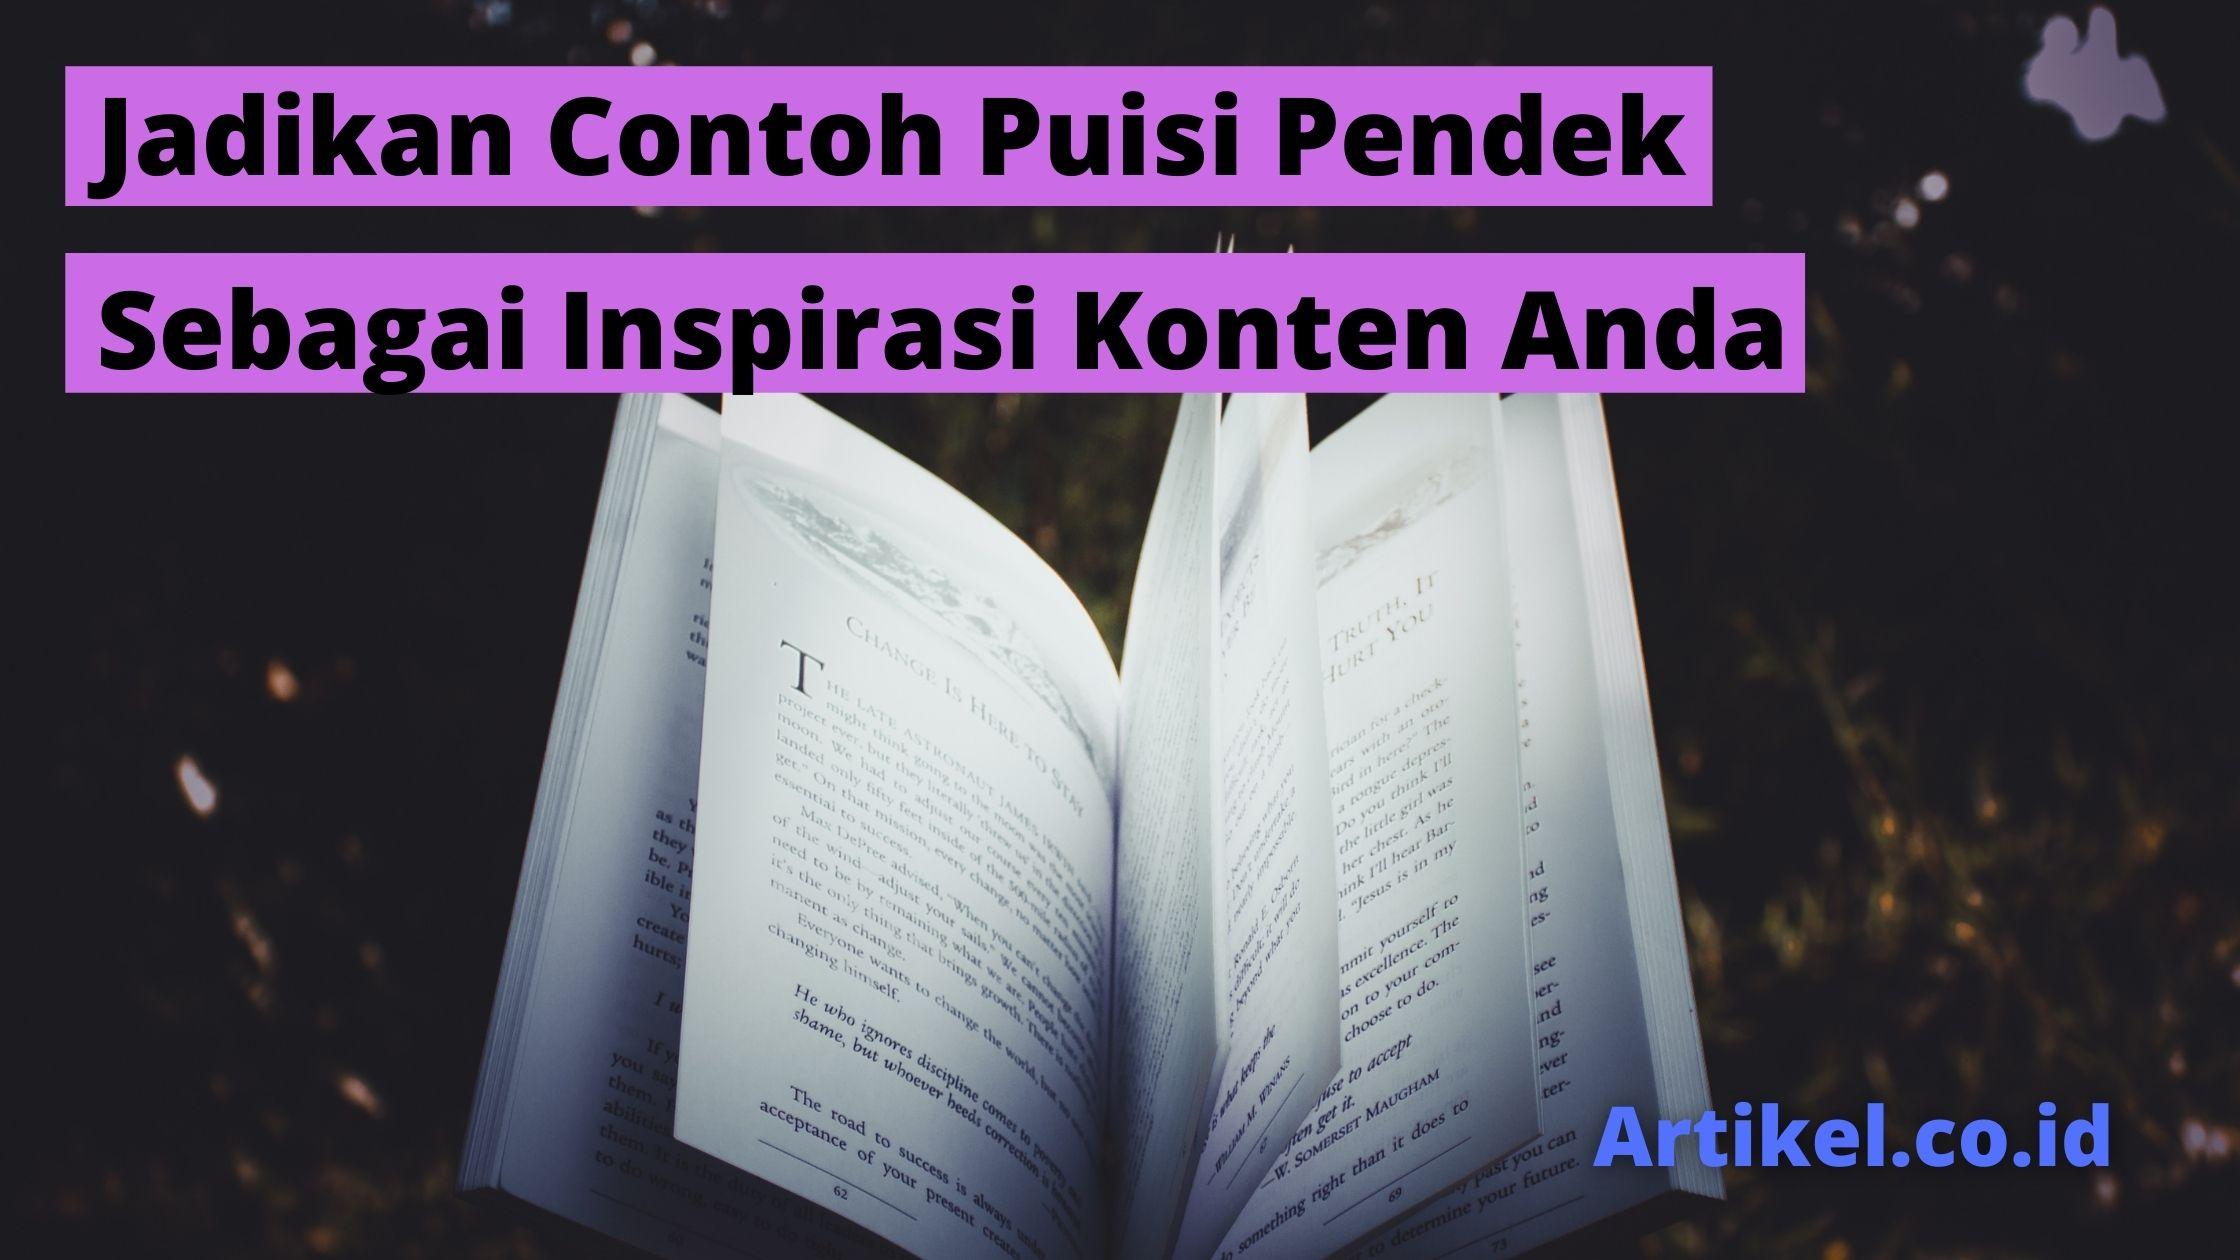 Read more about the article Jadikan Contoh Puisi Pendek Sebagai Inspirasi Konten Anda